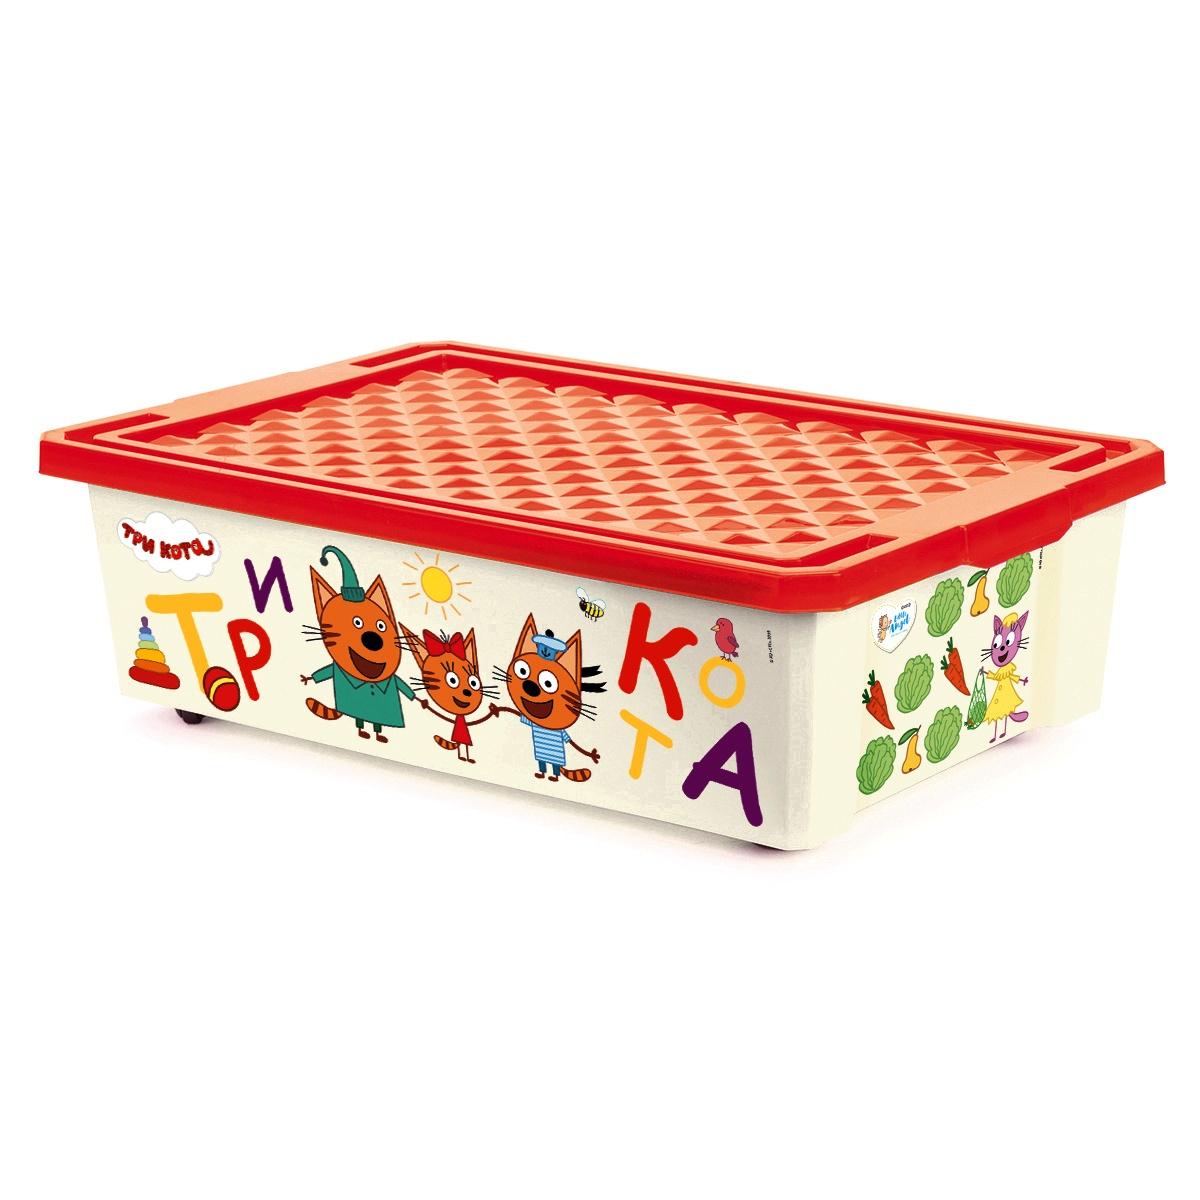 Ящик на колесах под детскую кровать (контейнер, коробка) для игрушек с крышкой, хранение детских вещей цена и фото